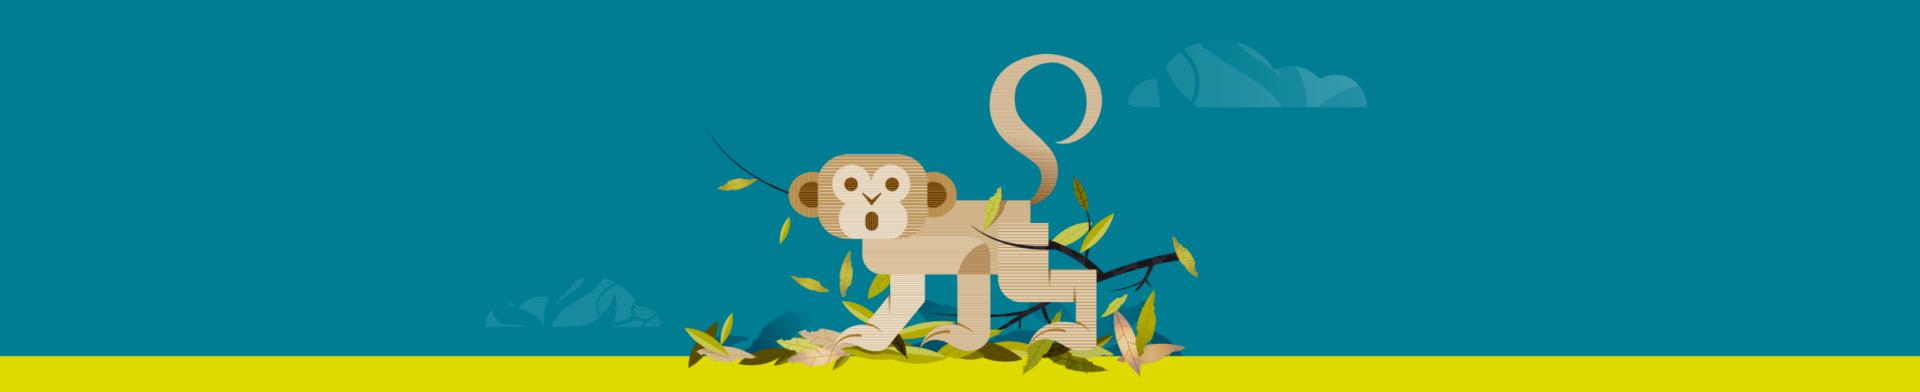 tessa-scimmia-perplessa